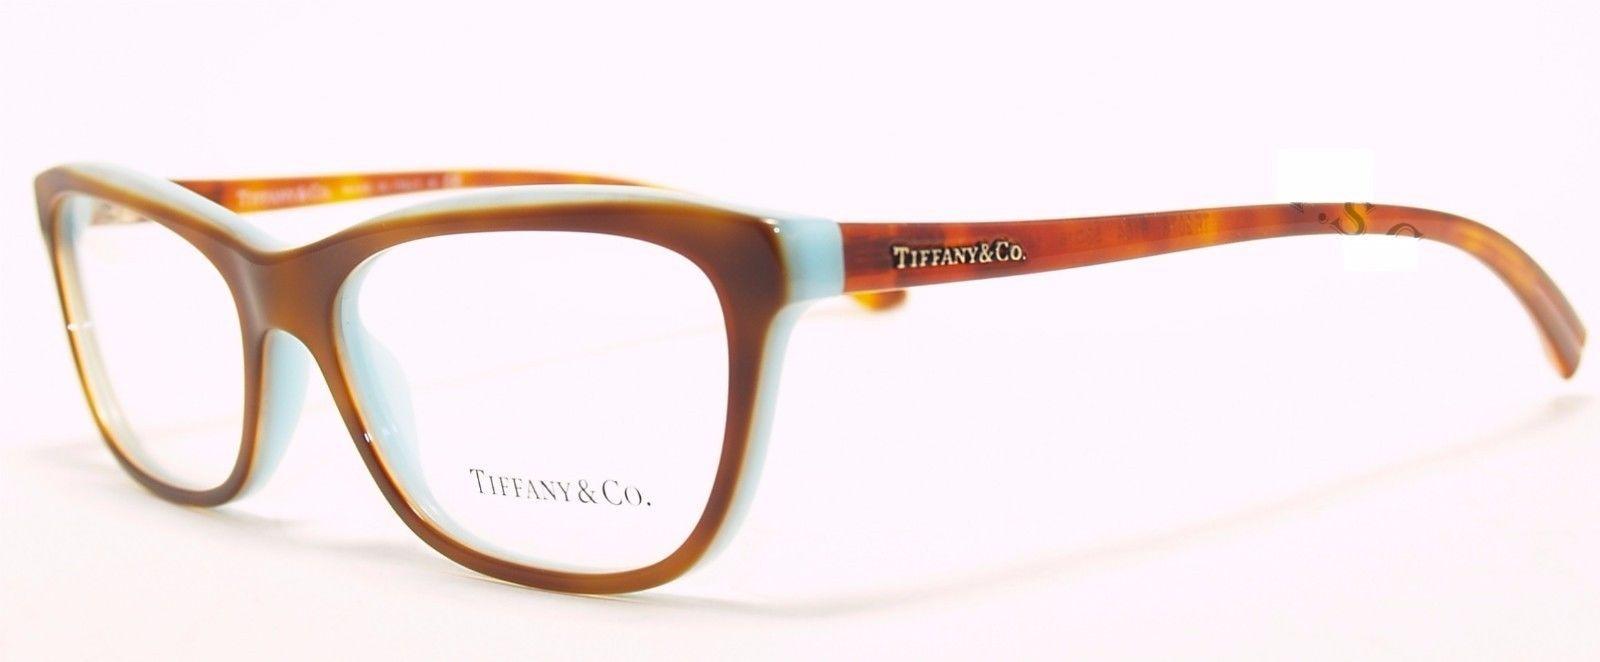 91d30364e11 New Tiffany   Co. Tf 2078 8164 Havana Blue and 12 similar items